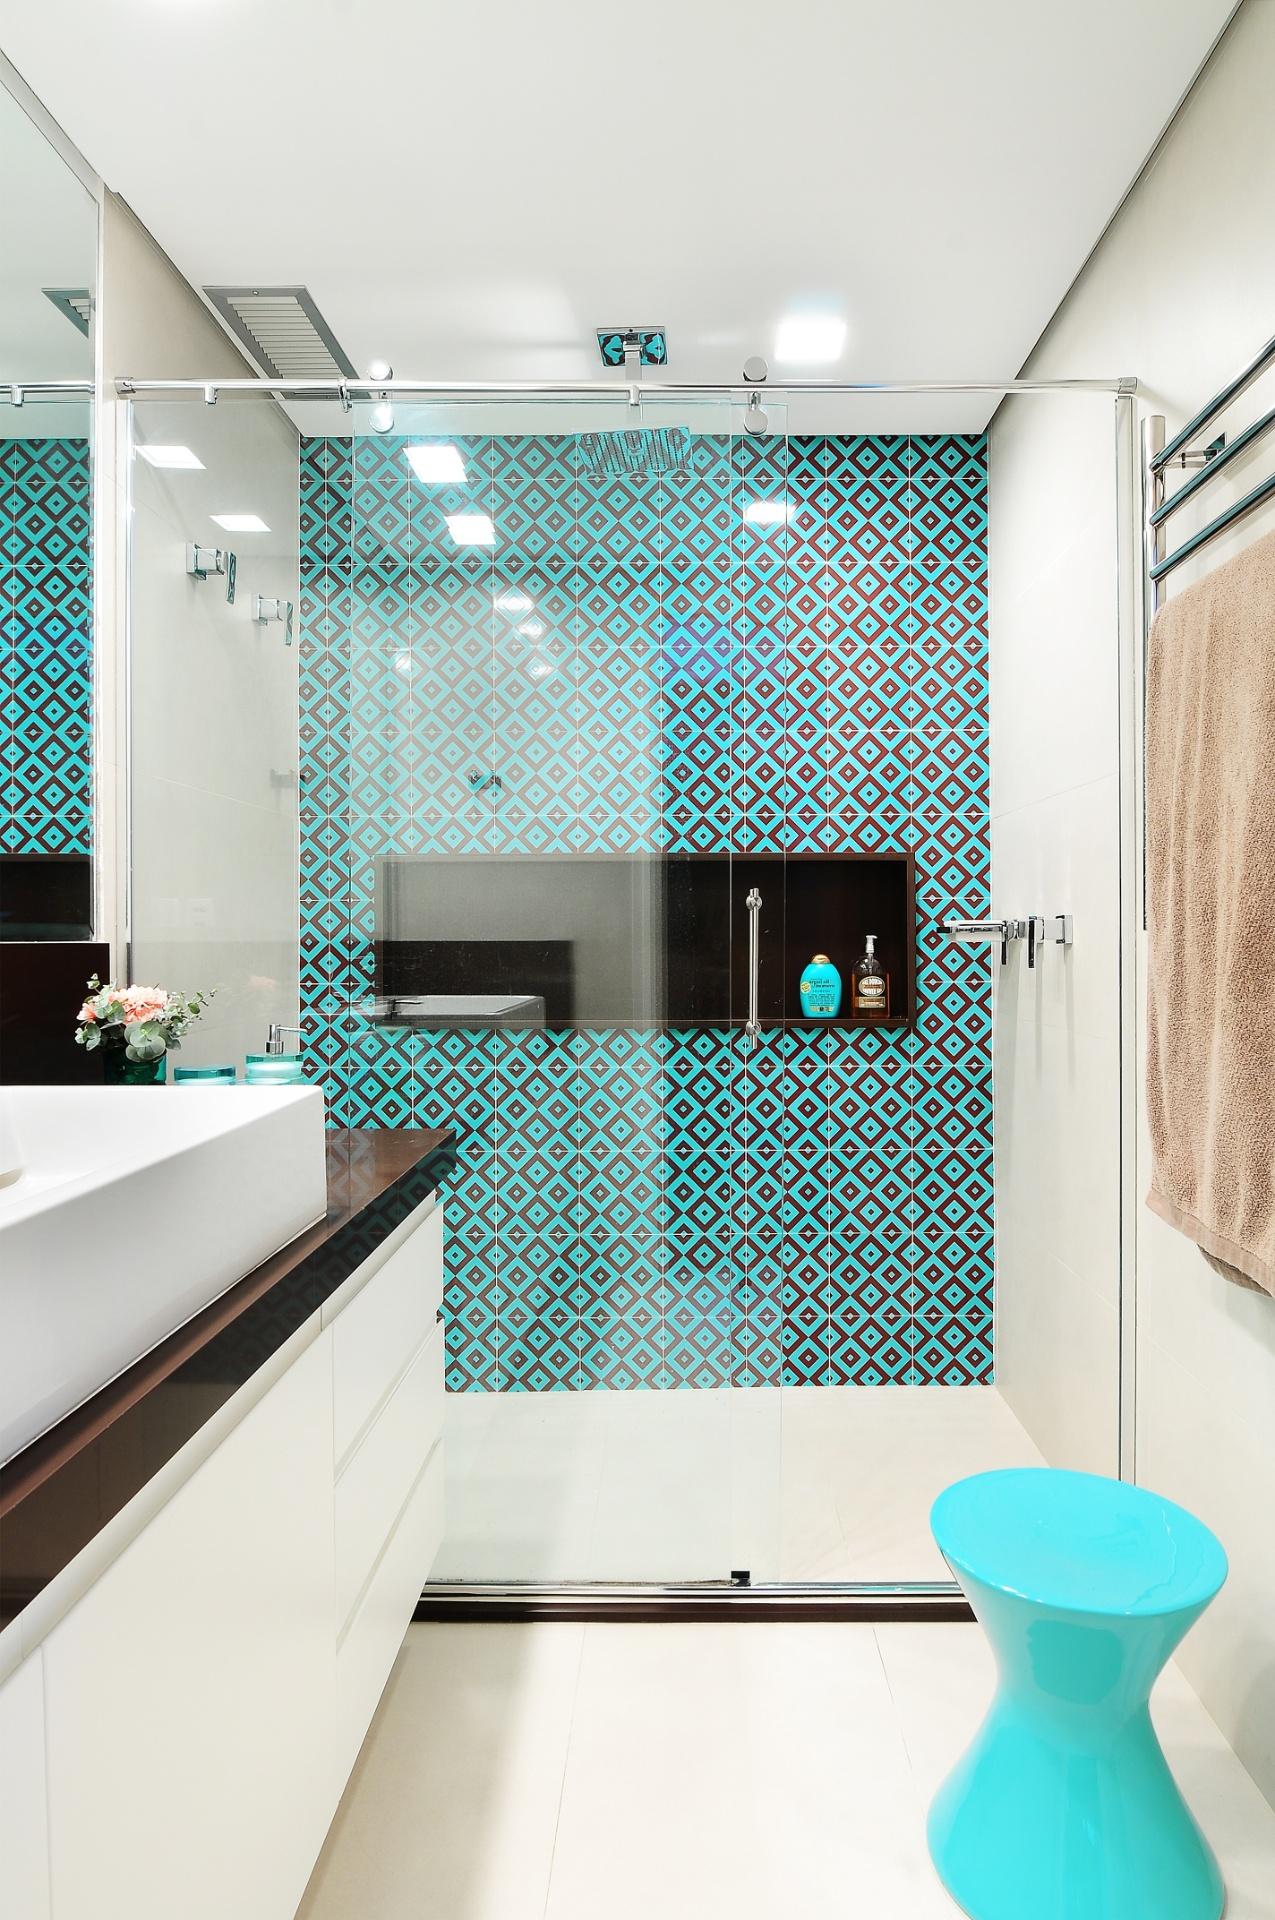 banheiro da suíte do apê Jardim Marajoara foi revestido por azulejos  #2BA0A0 1275x1920 Banheiro Azulejo Azul